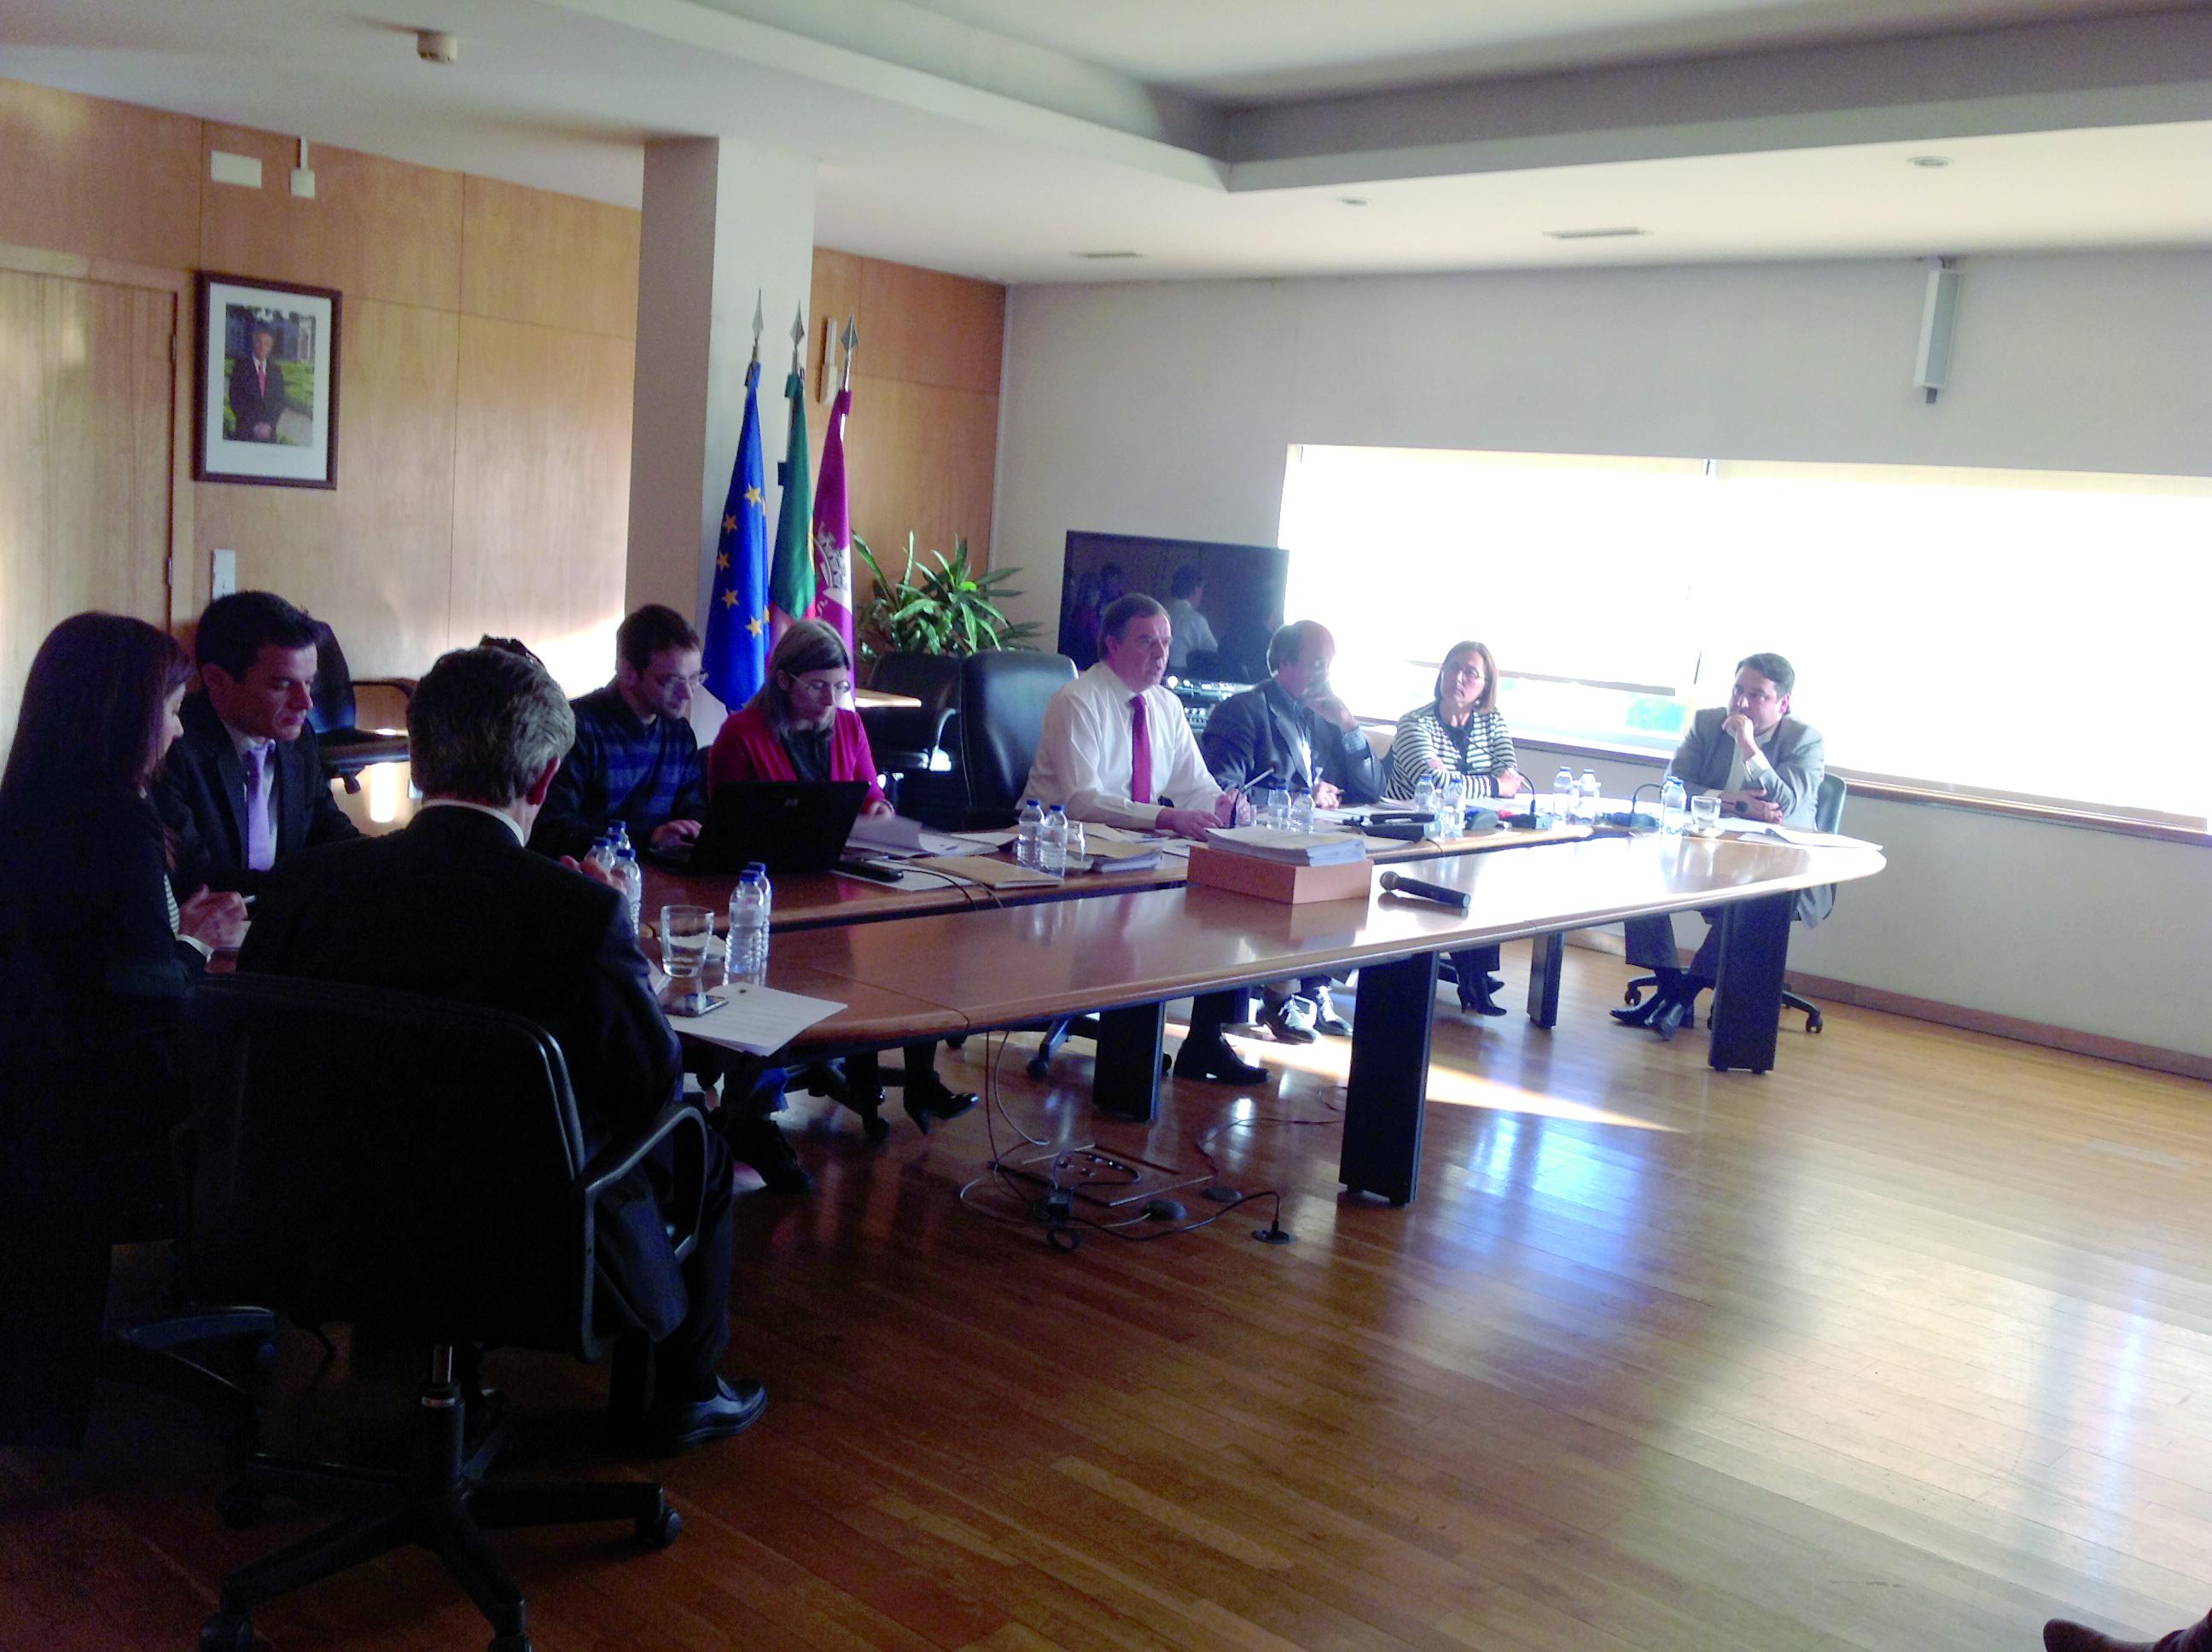 Presidente da Câmara Municipal tem orçamento de 27 milhões de euros para gerir o concelho em 2014